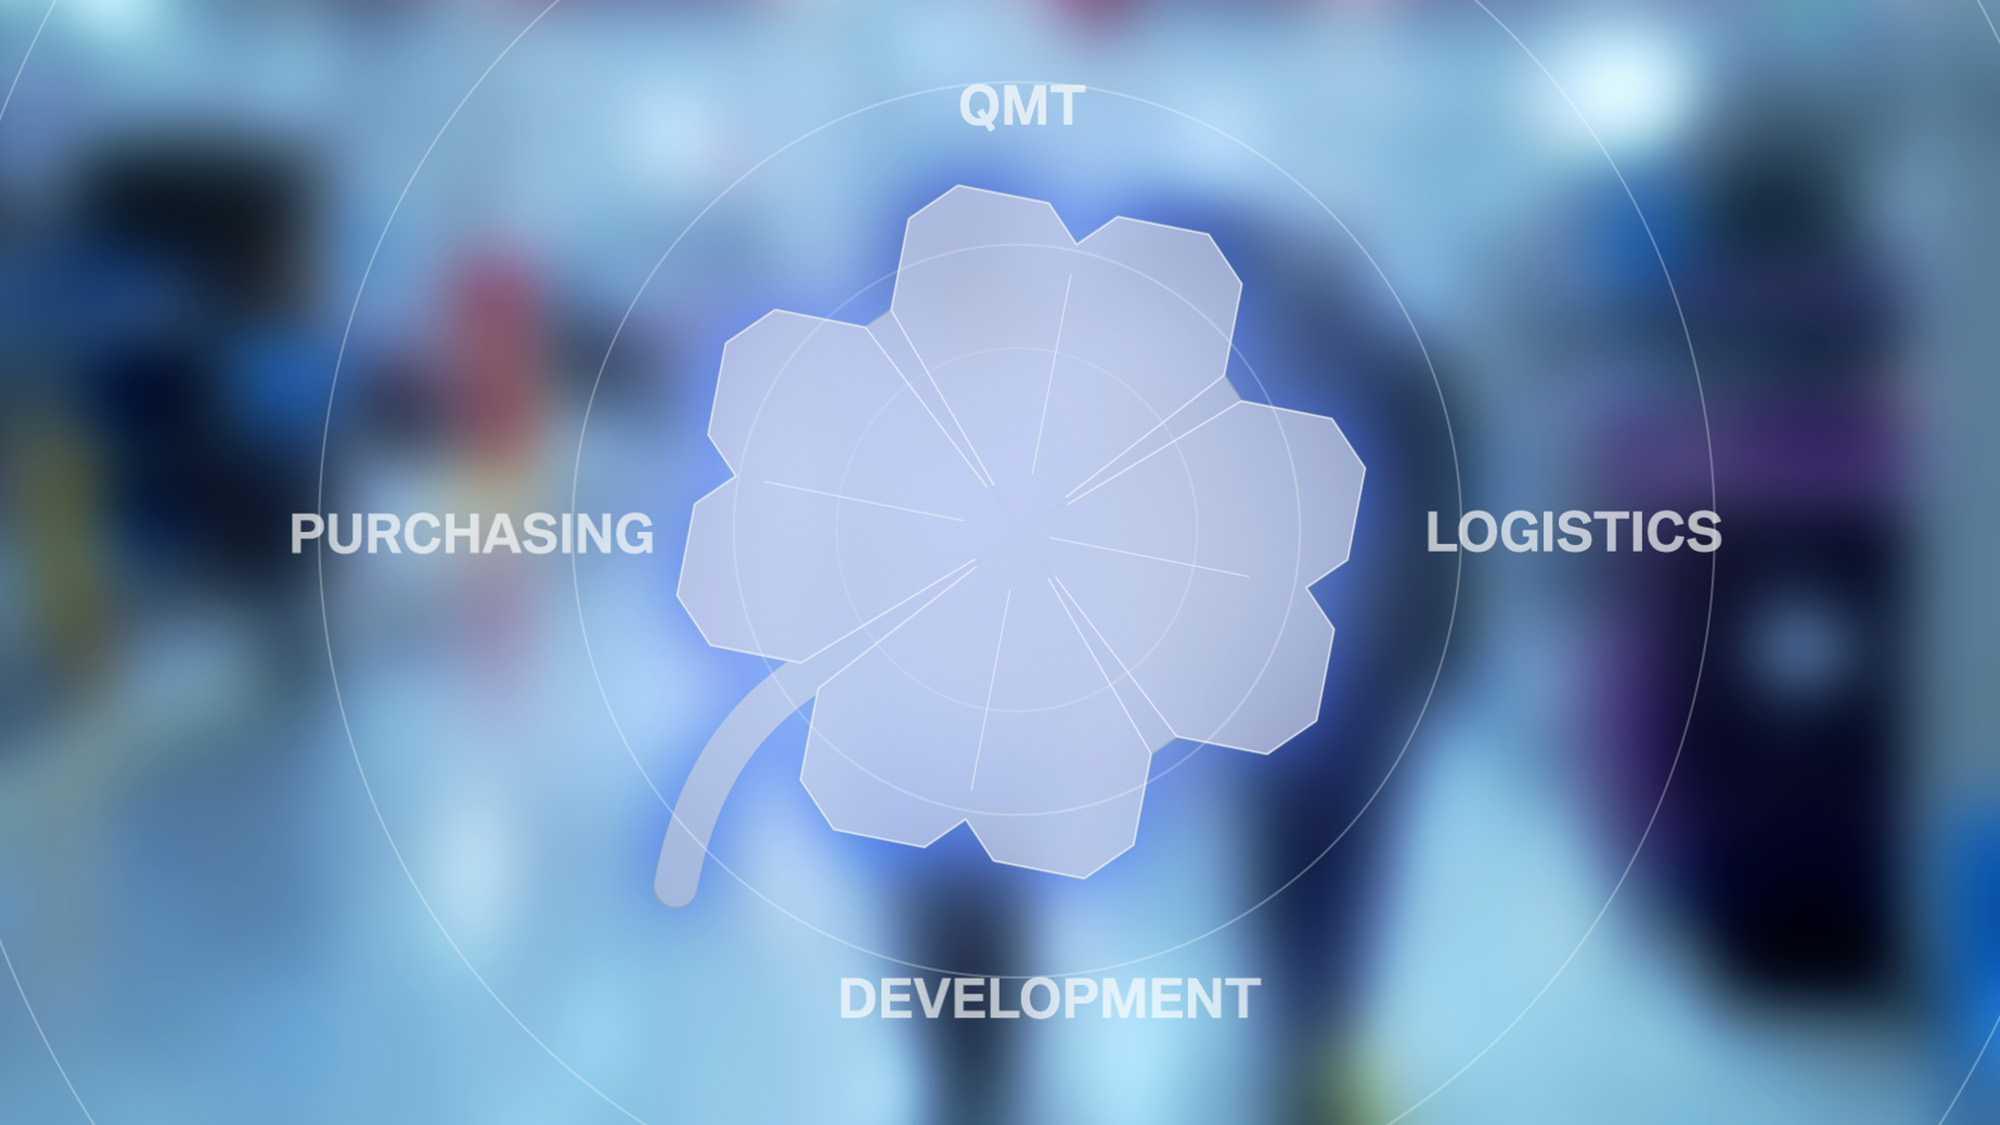 """Das Bild zeigt ein Kleeblatt in der Farbe grau. Um das Kleeblatt herum verlaufen Kreise. Es ist auf einen grauen Hintergrund gelegt worden. In jeweils den Himmelsrichtungen sind Texte mit in das Bild getracked worden. Der Süden zeigt das Wort """"Development"""", im Westen steht """"Purchasing"""", im Norden """"QMT"""" und im Osten """"Logistics"""". Das Bild dient als Sliderbild für den Portfolioeintrag BMW QMT von Panda Pictures."""